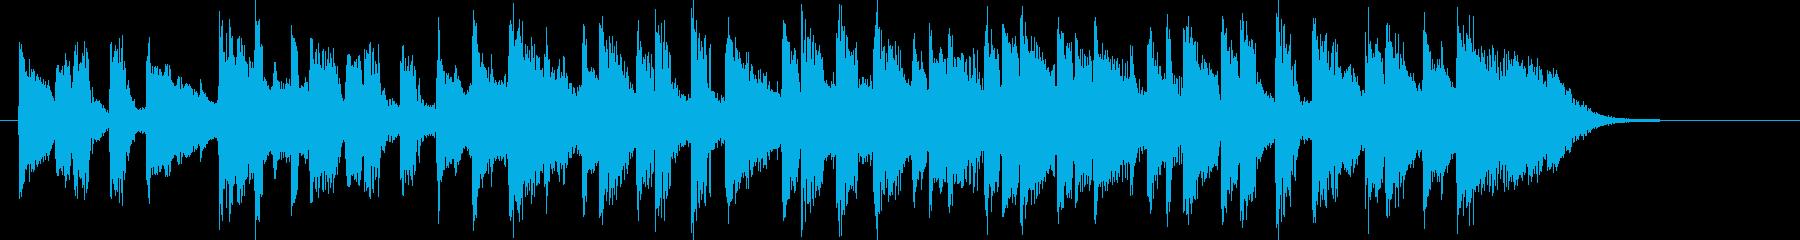 緩やかで軽やかなアコギジングルの再生済みの波形